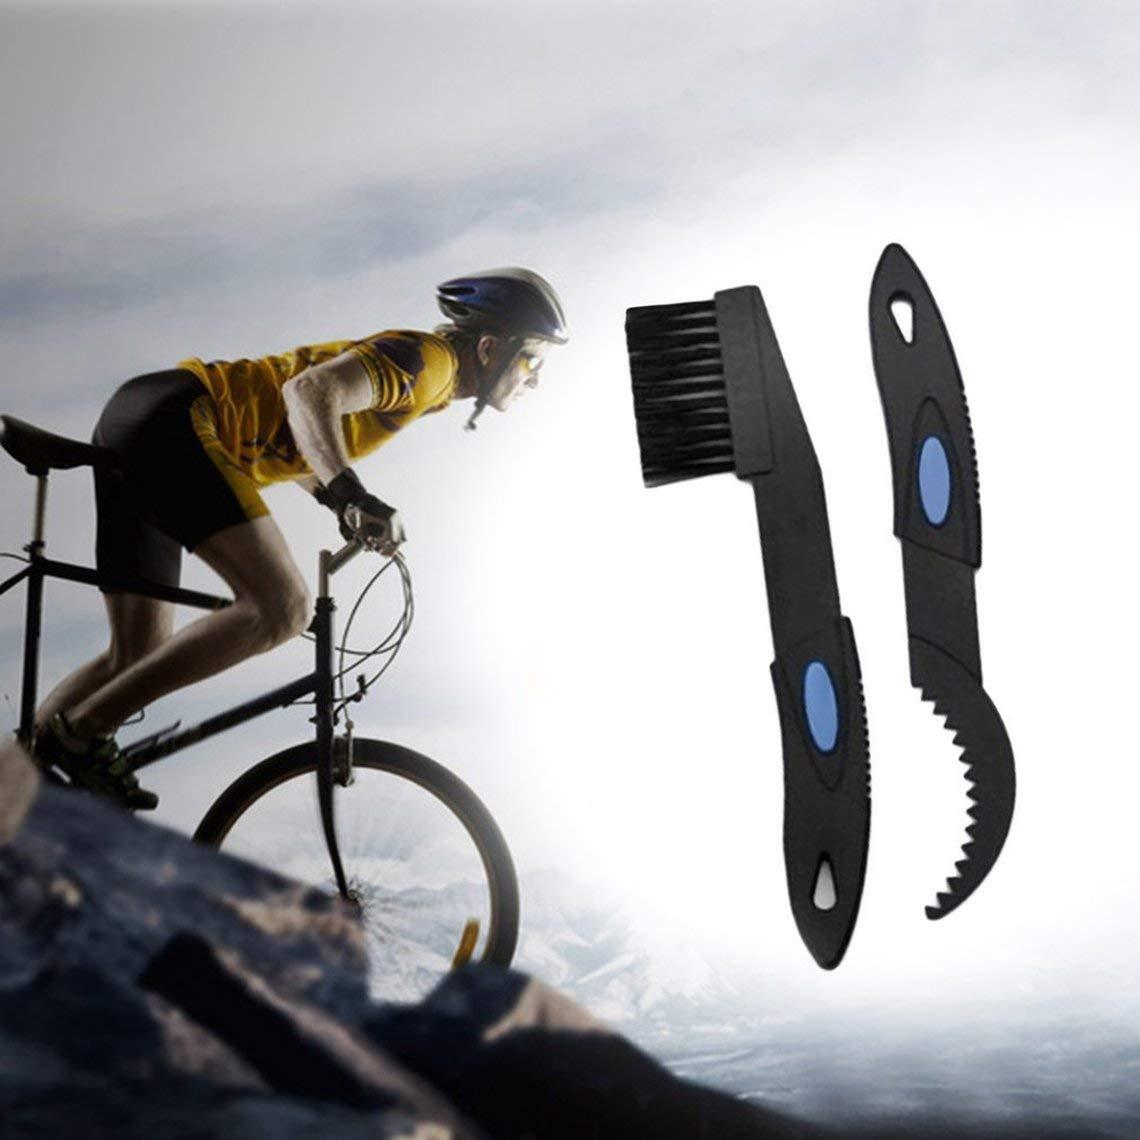 SAHOO Bicicleta Cadena de Limpieza Cepillo de Limpieza Bicicleta Ciclista Limpiador Limpiador Kit de Herramientas La Mejor Marca de Venta: Amazon.es: ...